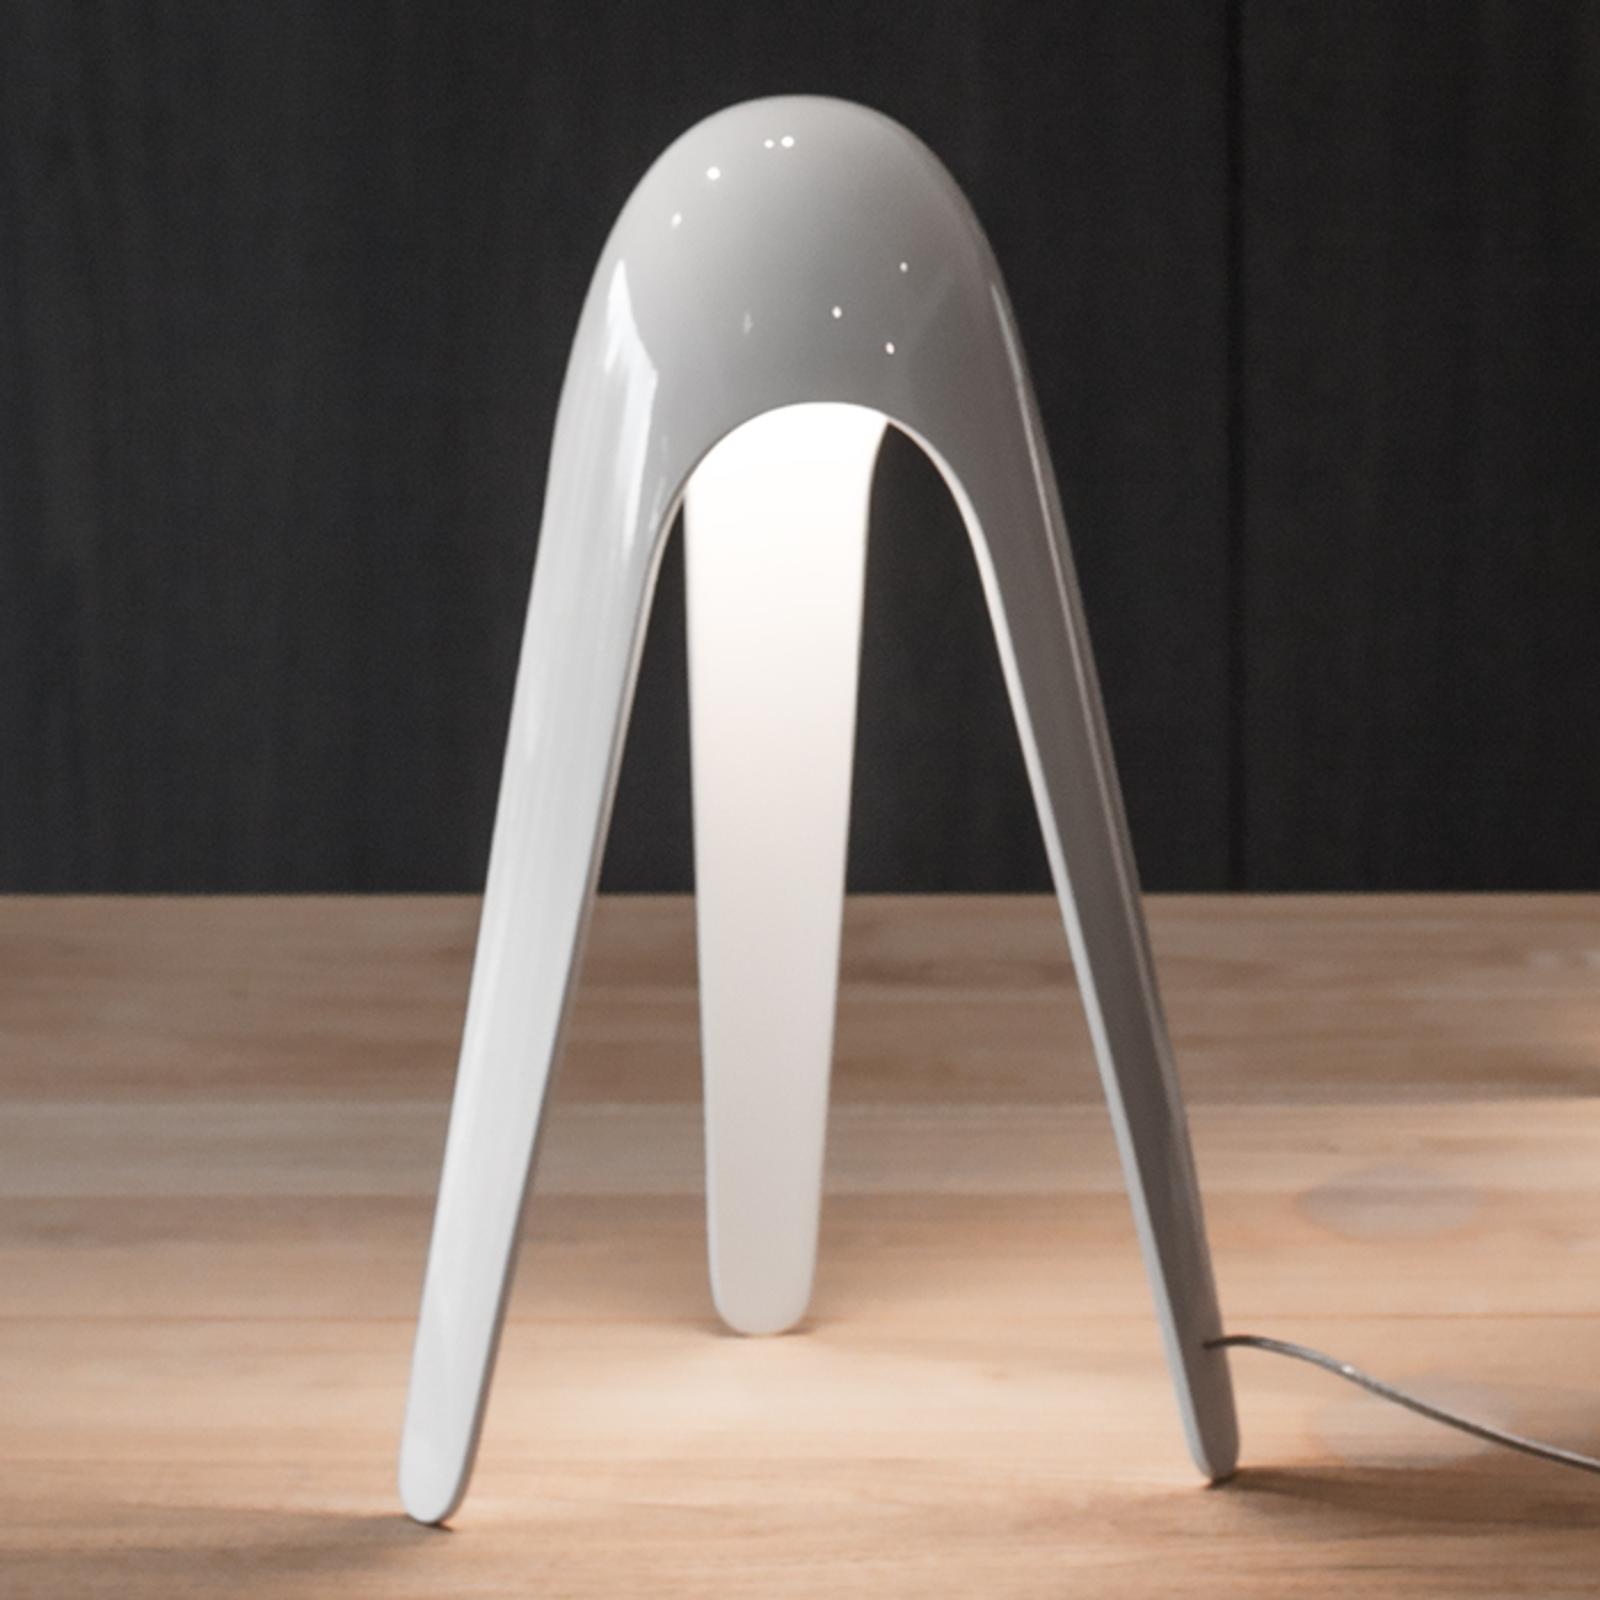 Martinelli Luce Cyborg LED-Tischleuchte, weiß